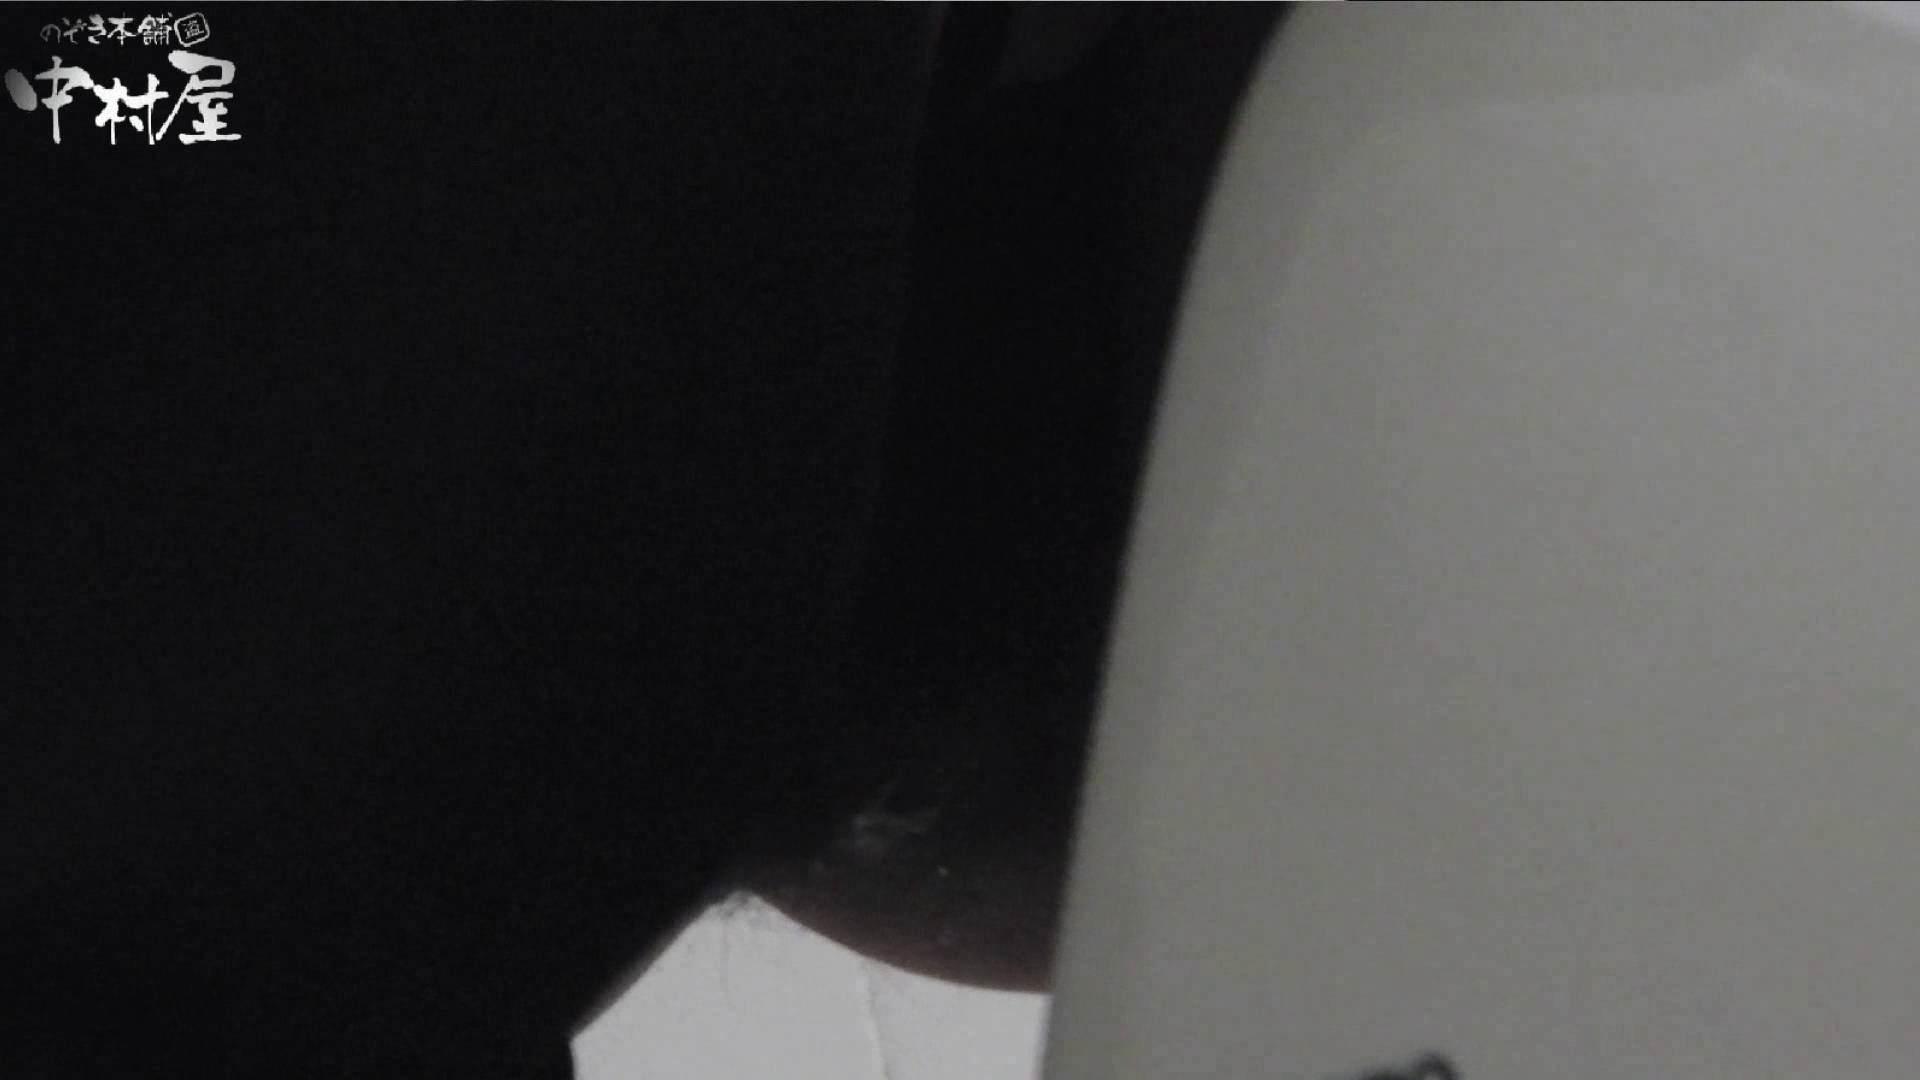 vol.24 命がけ潜伏洗面所! 剛毛さんいらっしゃい後編 洗面所 すけべAV動画紹介 19連発 8